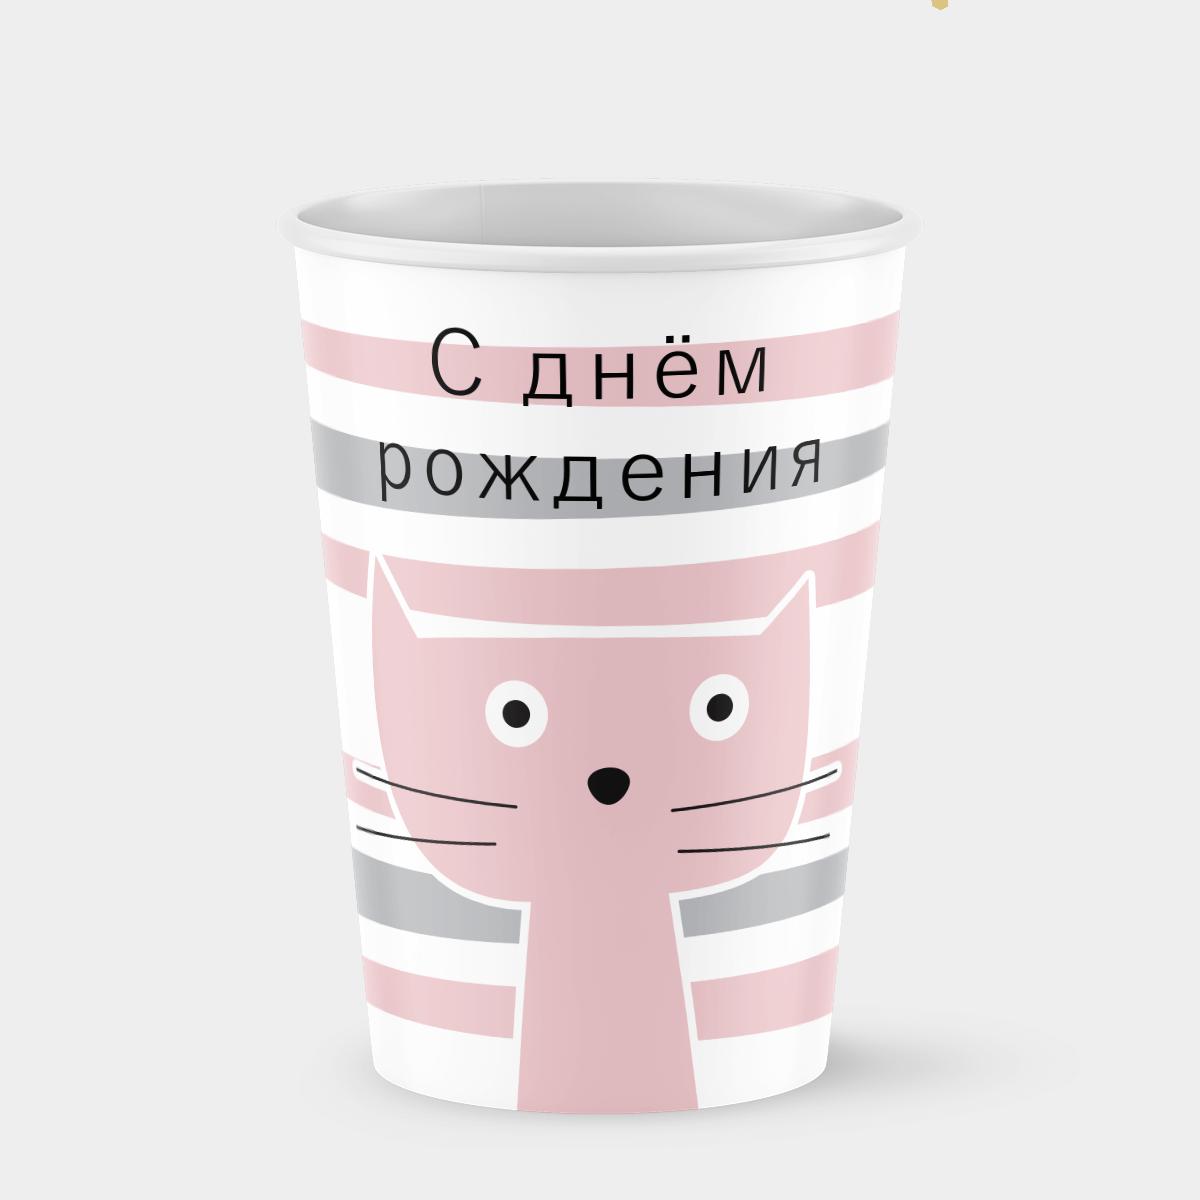 Стаканчик бумажный Кошечка С днем рождения